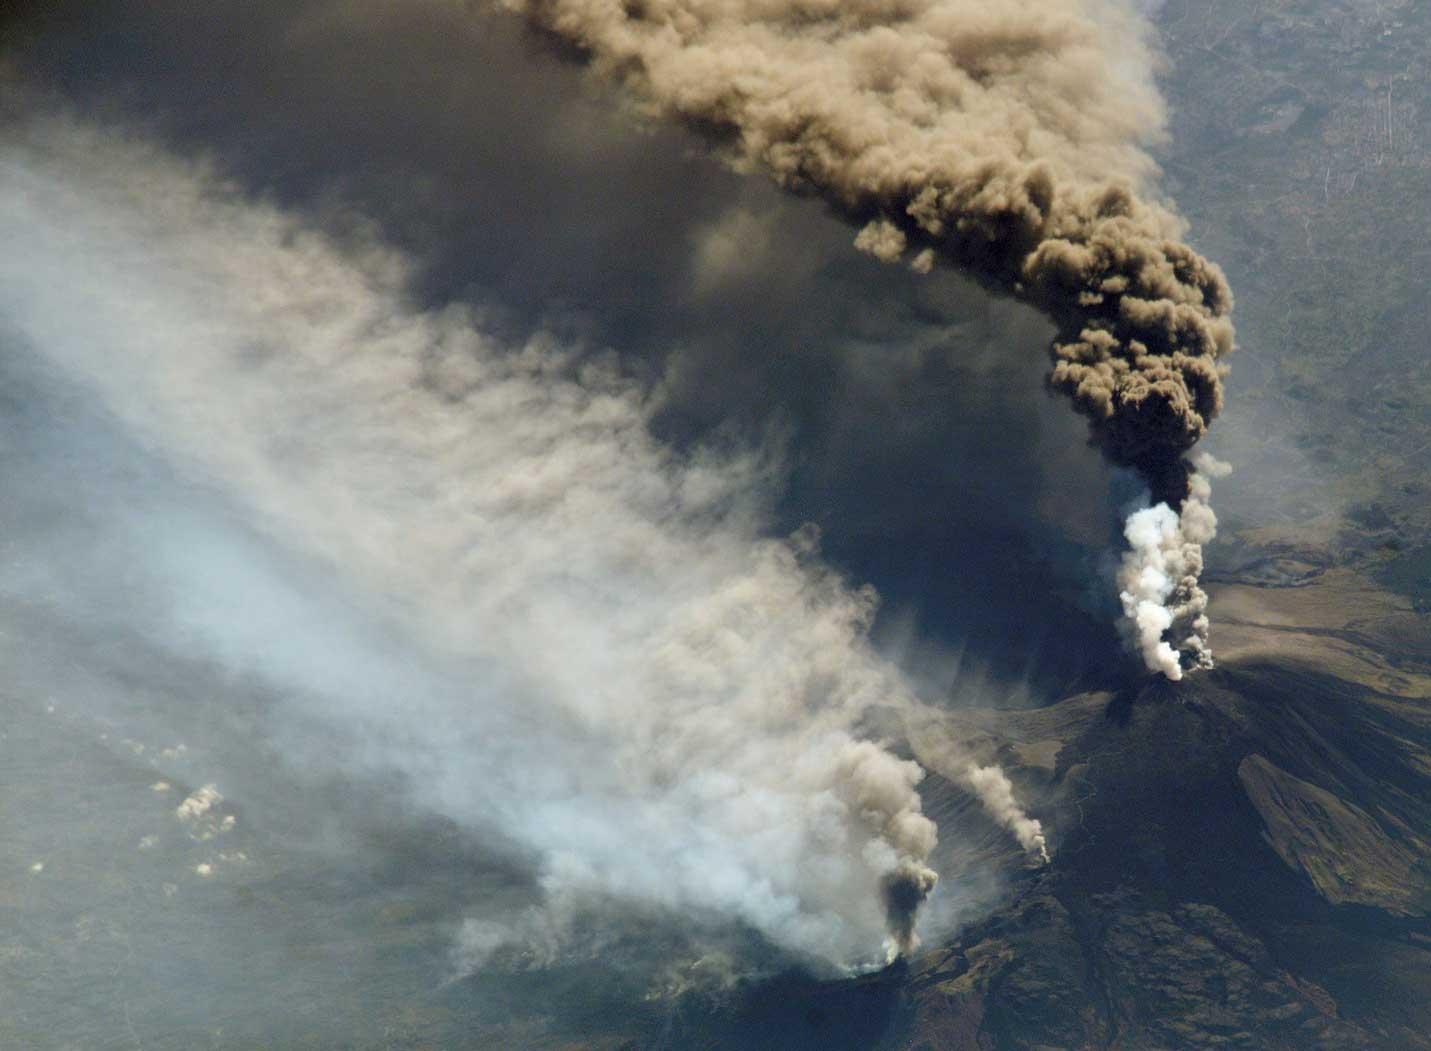 Nuage de fumée, éruption de l'Etna